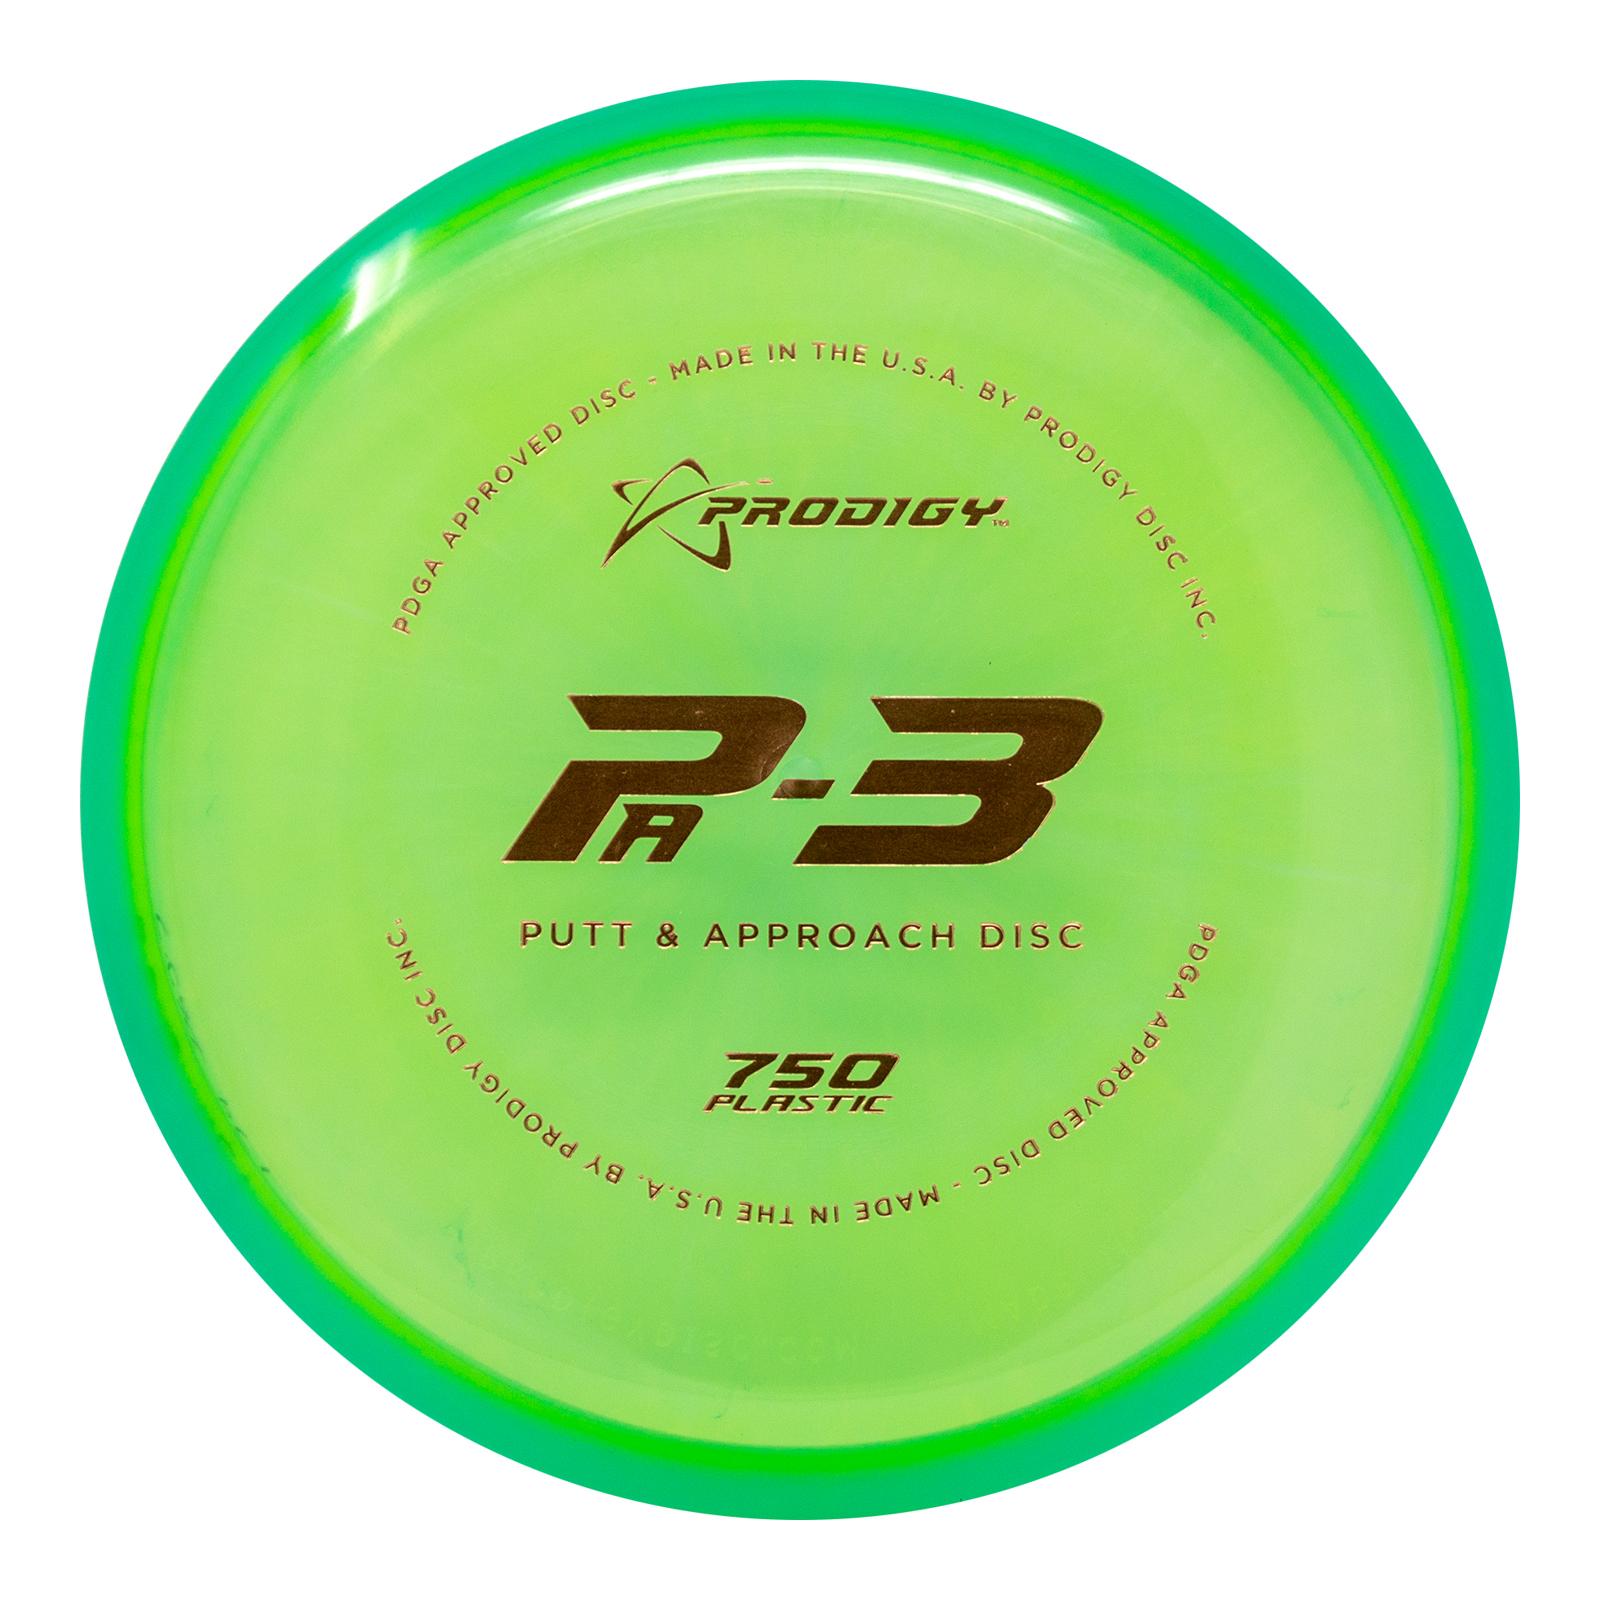 PA-3 - 750 PLASTIC